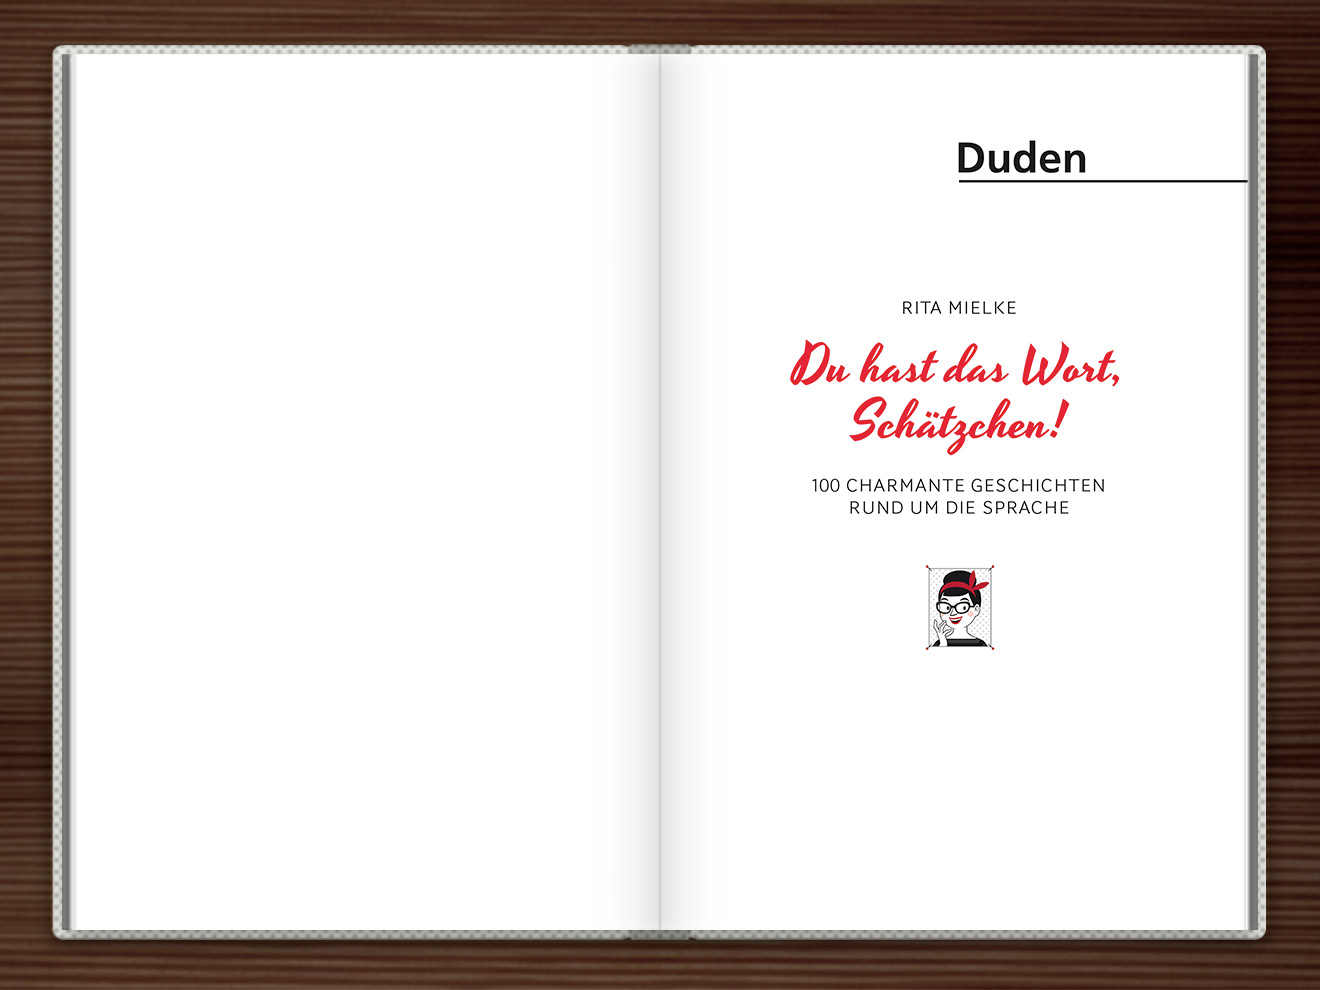 Vorsatz im Buch Du hast das Wort, Schätzchen! 100 charmante Geschichten rund um die Sprache im Duden Verlag von Rita Mielke mit Illustrationen im Sixties-Stil von Iris Luckhaus